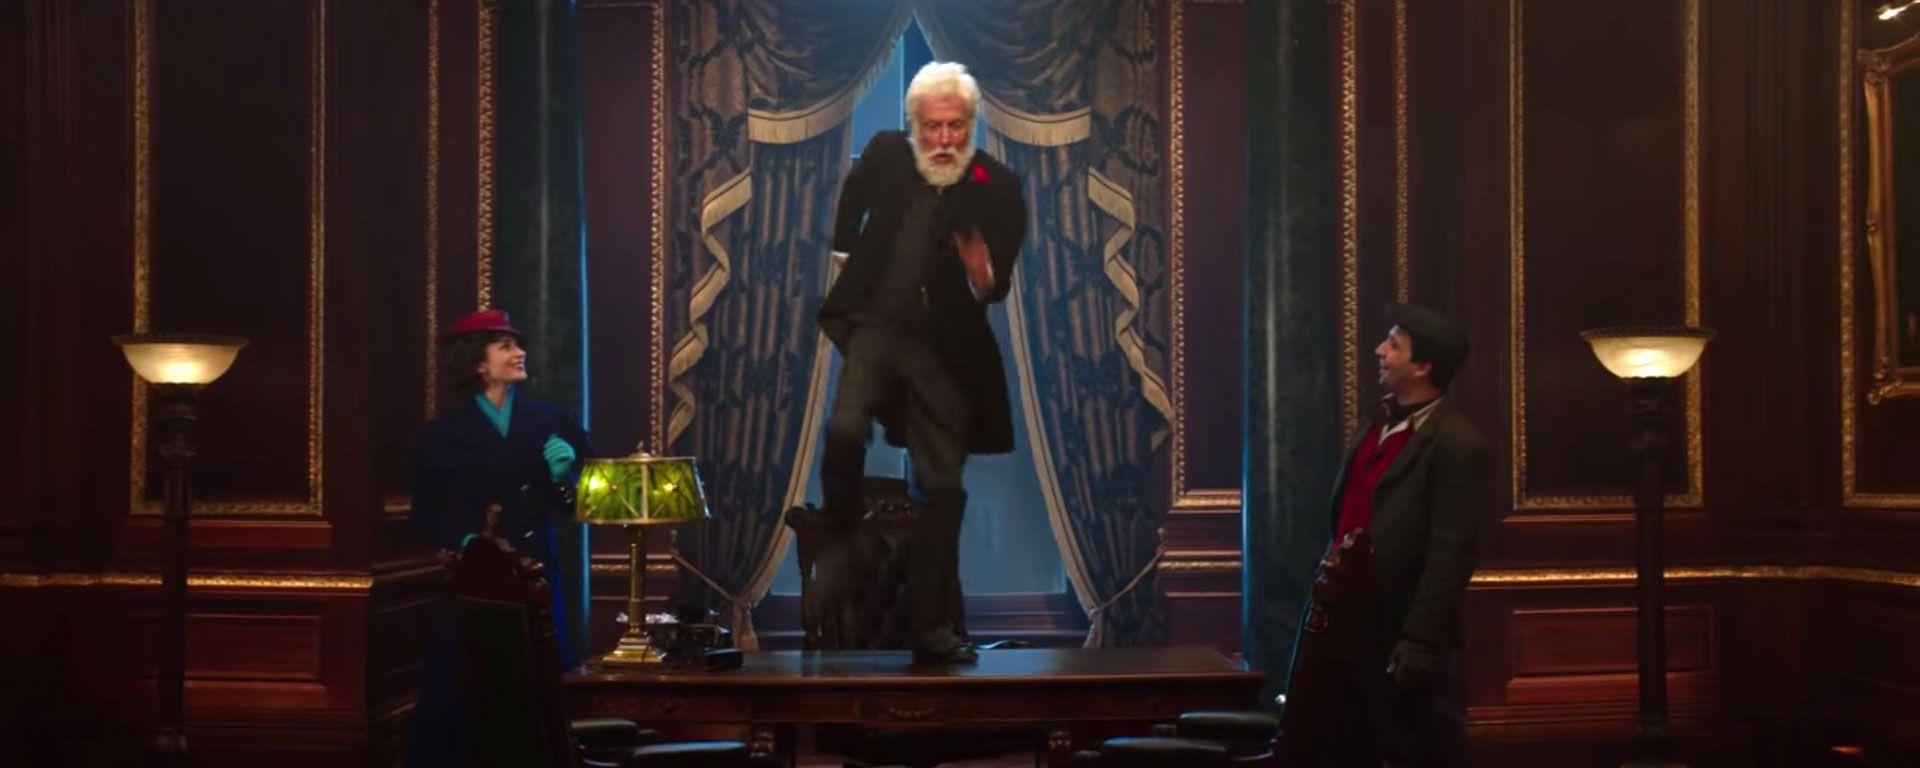 El regreso de Mary Poppins (2018) Dick-van-dyke-mary-poppins-returns-1545037029